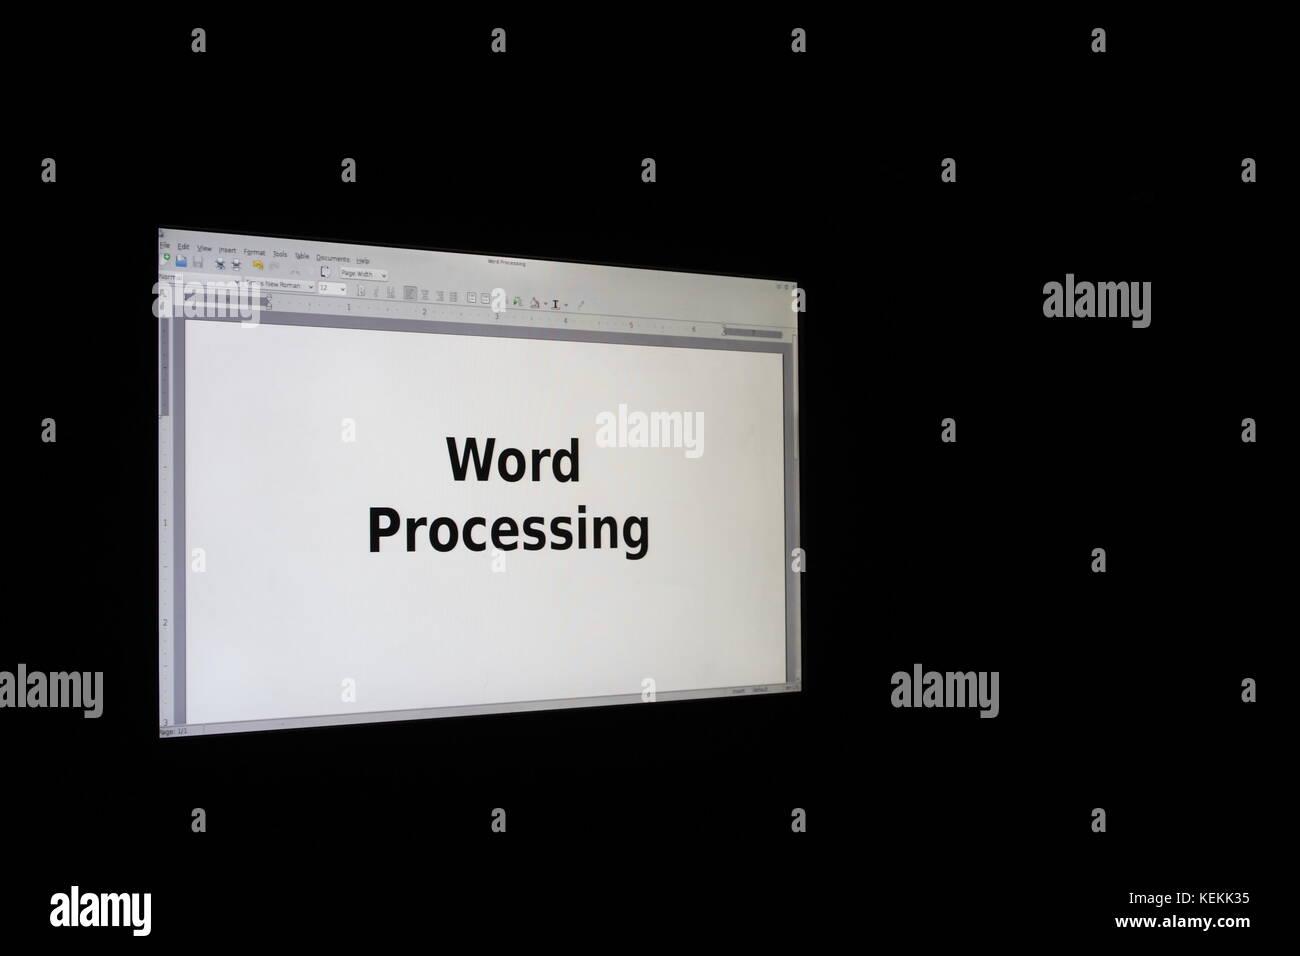 Word Processing Imágenes De Stock & Word Processing Fotos De Stock ...